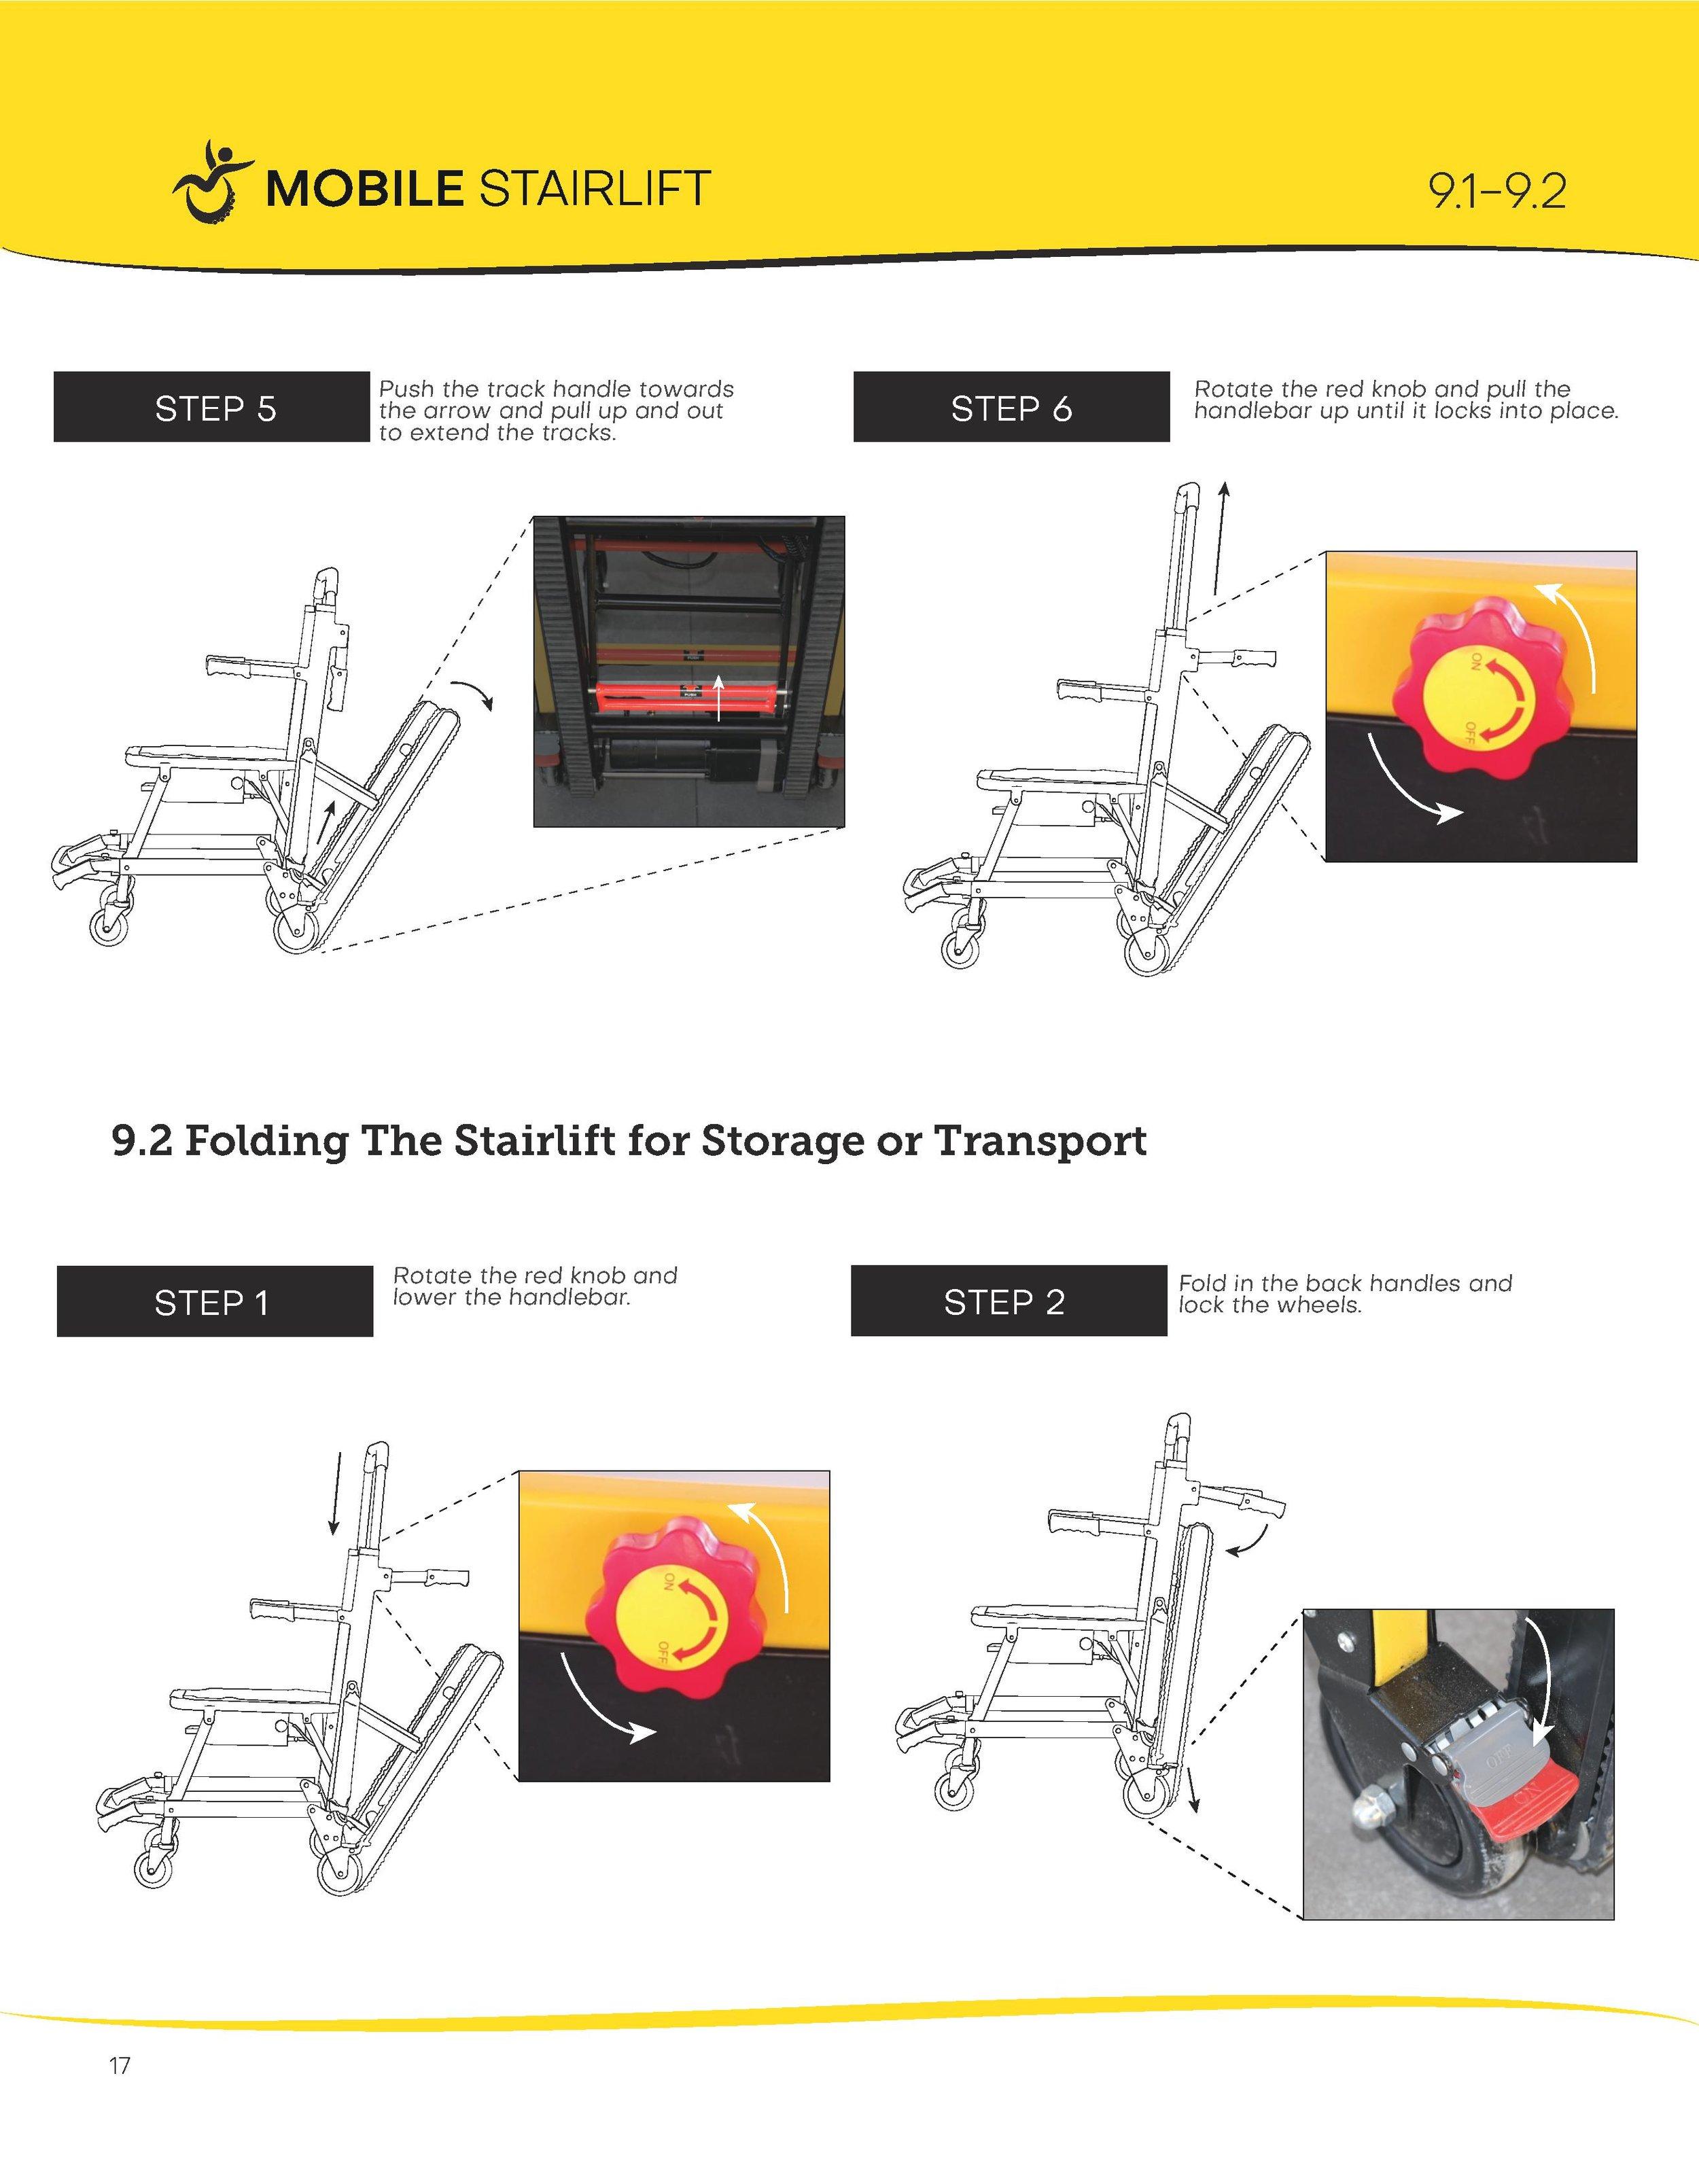 Mobile Stairlift Instruction Manual-18.jpg